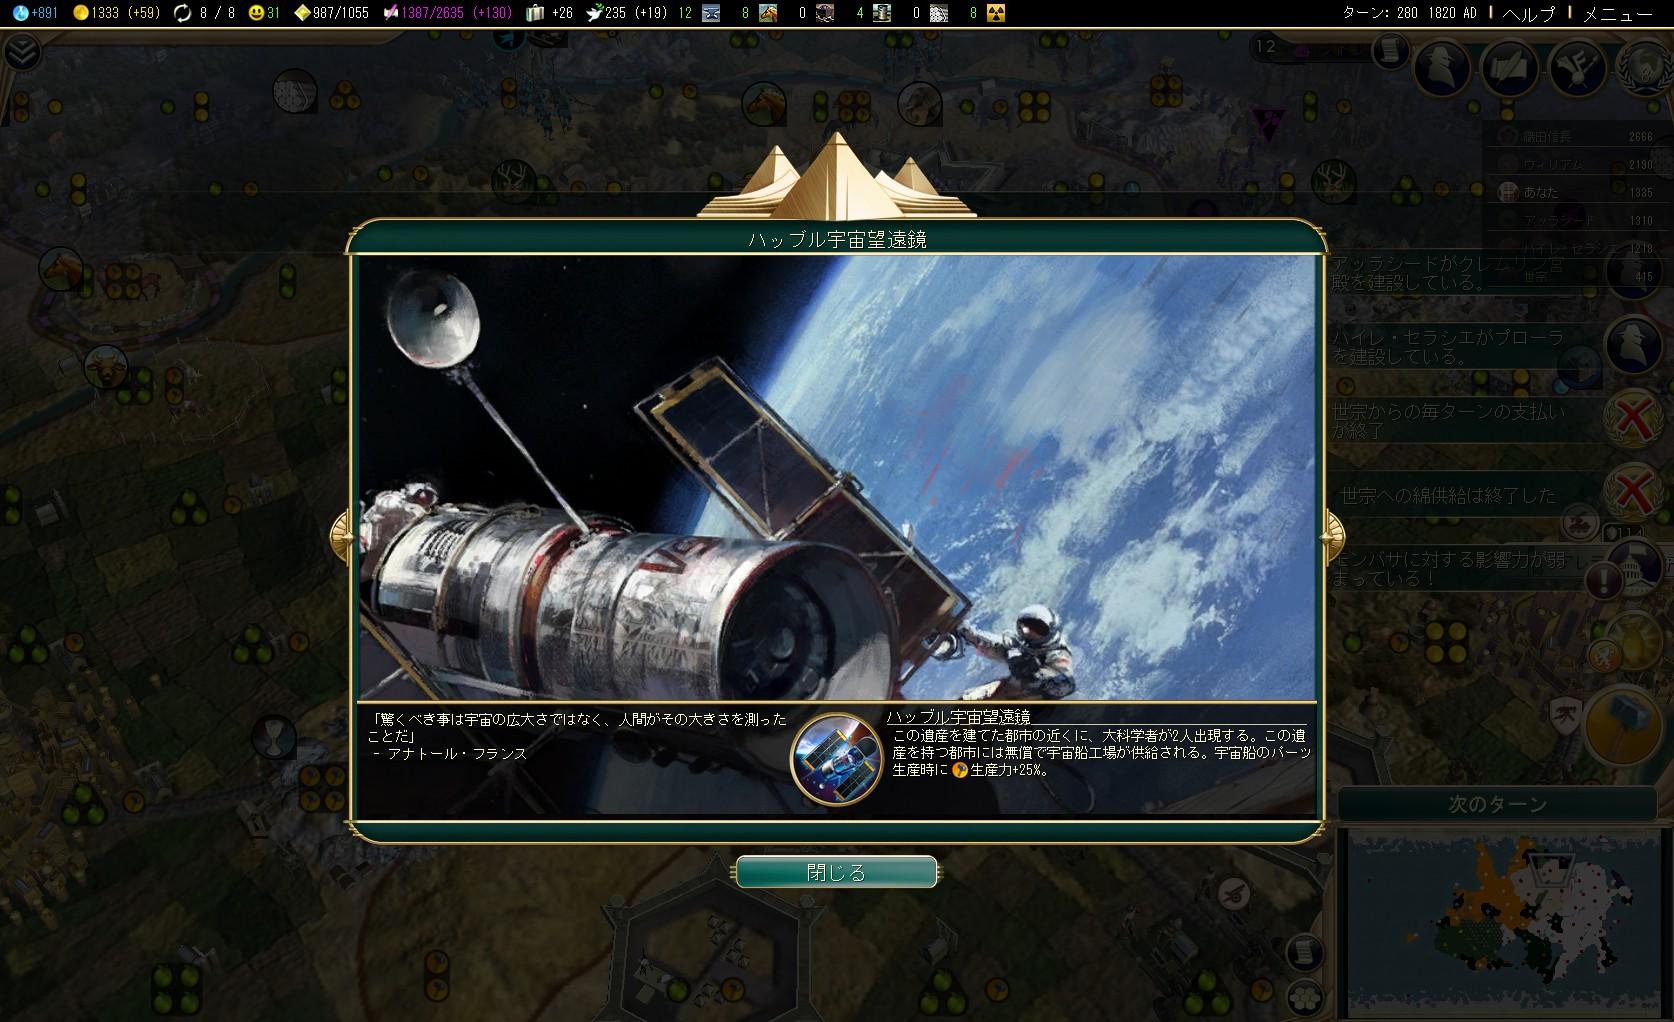 ハッブル宇宙望遠鏡.jpg